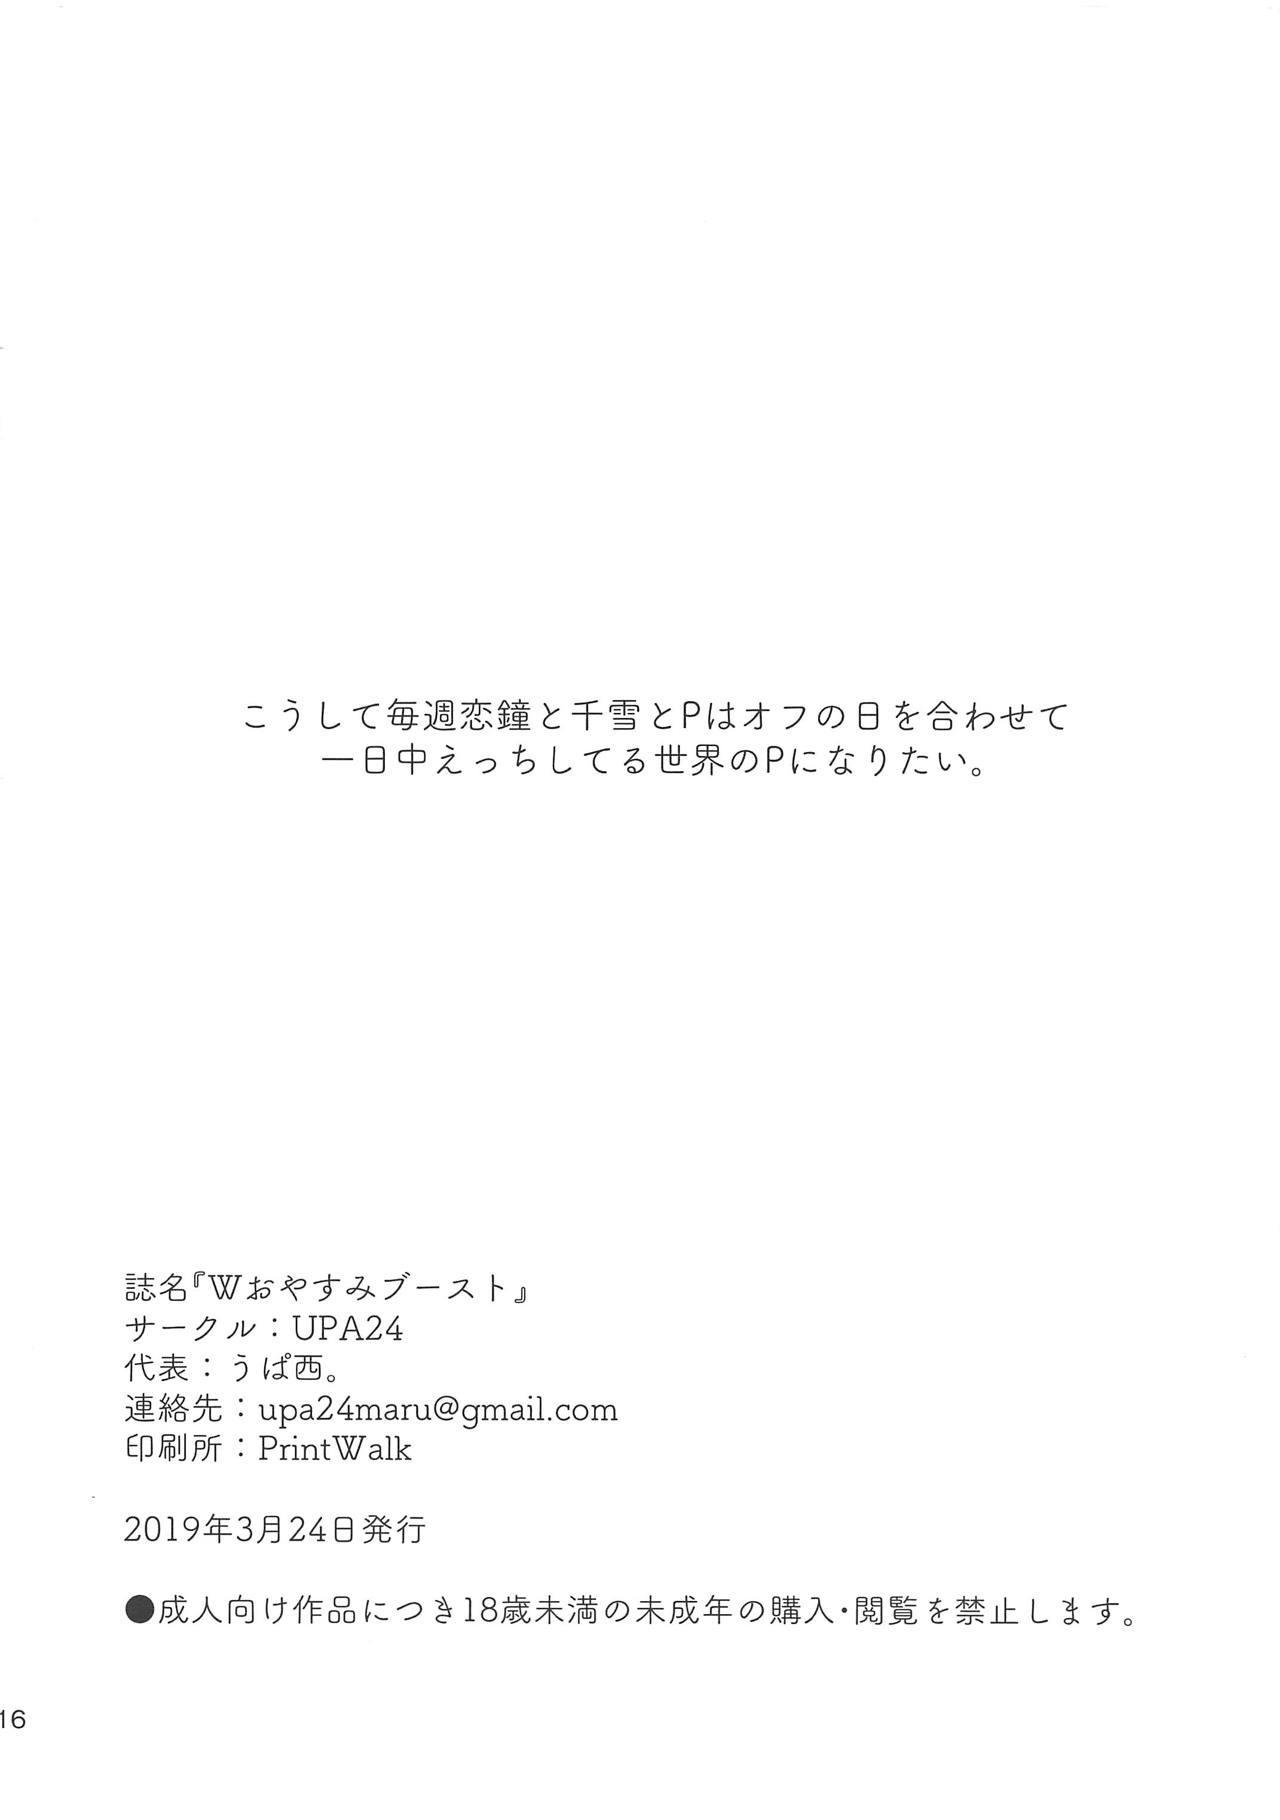 W Oyasumi Boost 15